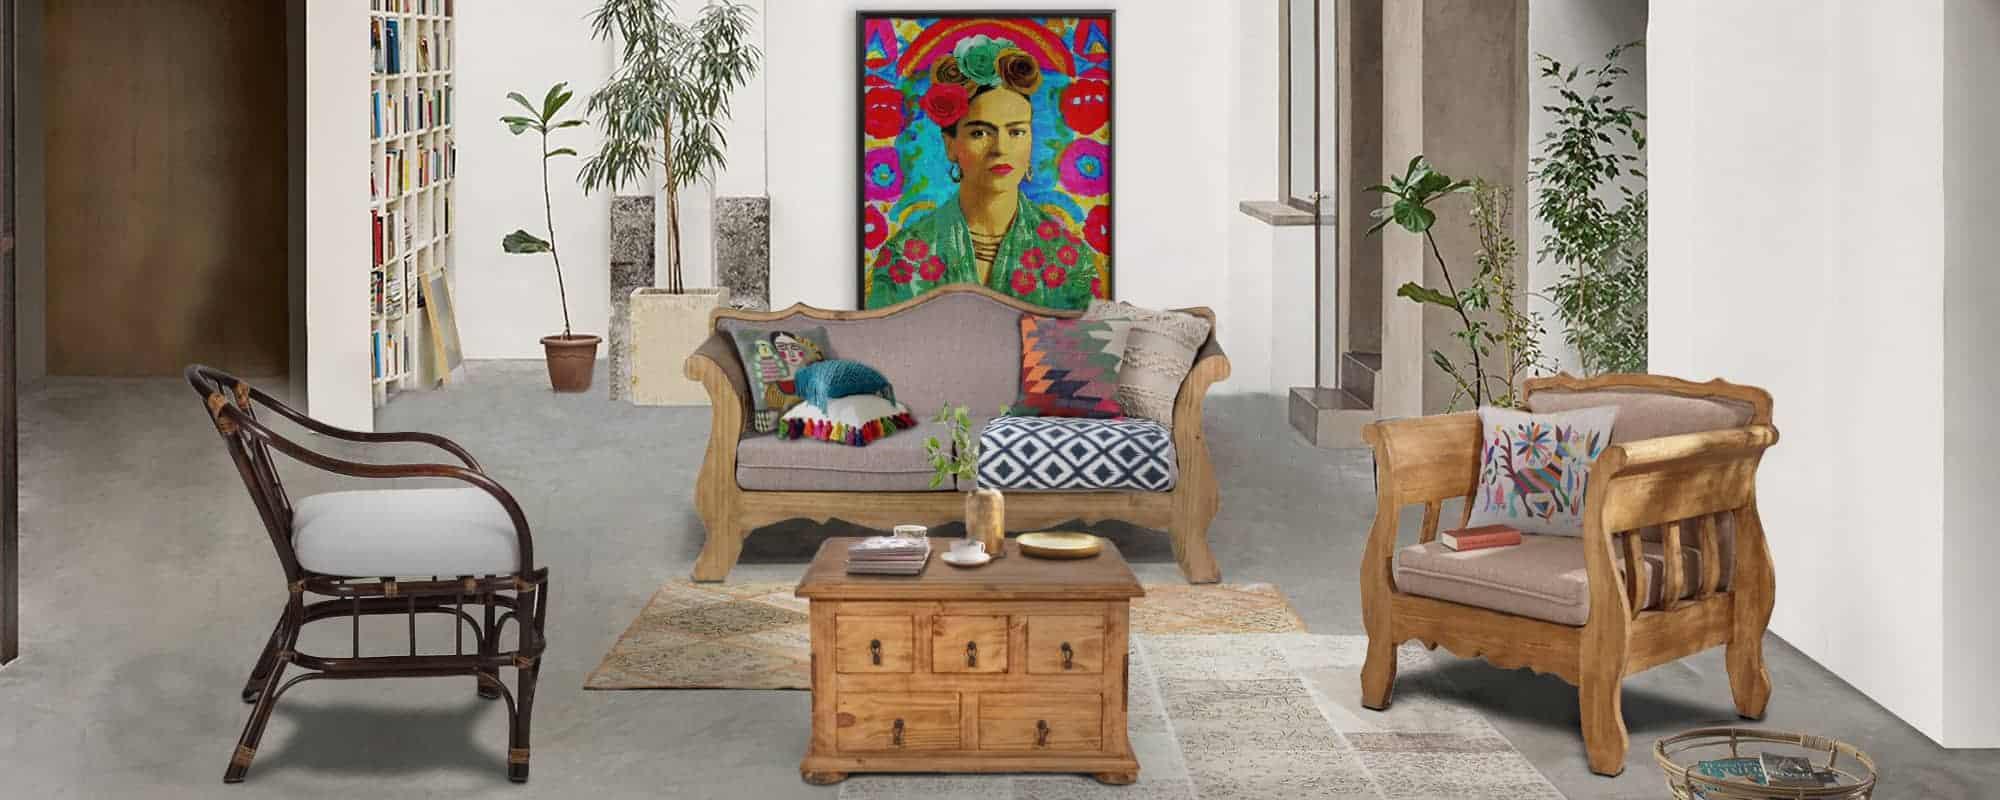 Mexico Möbel günstig online kaufen | MiaMöbel